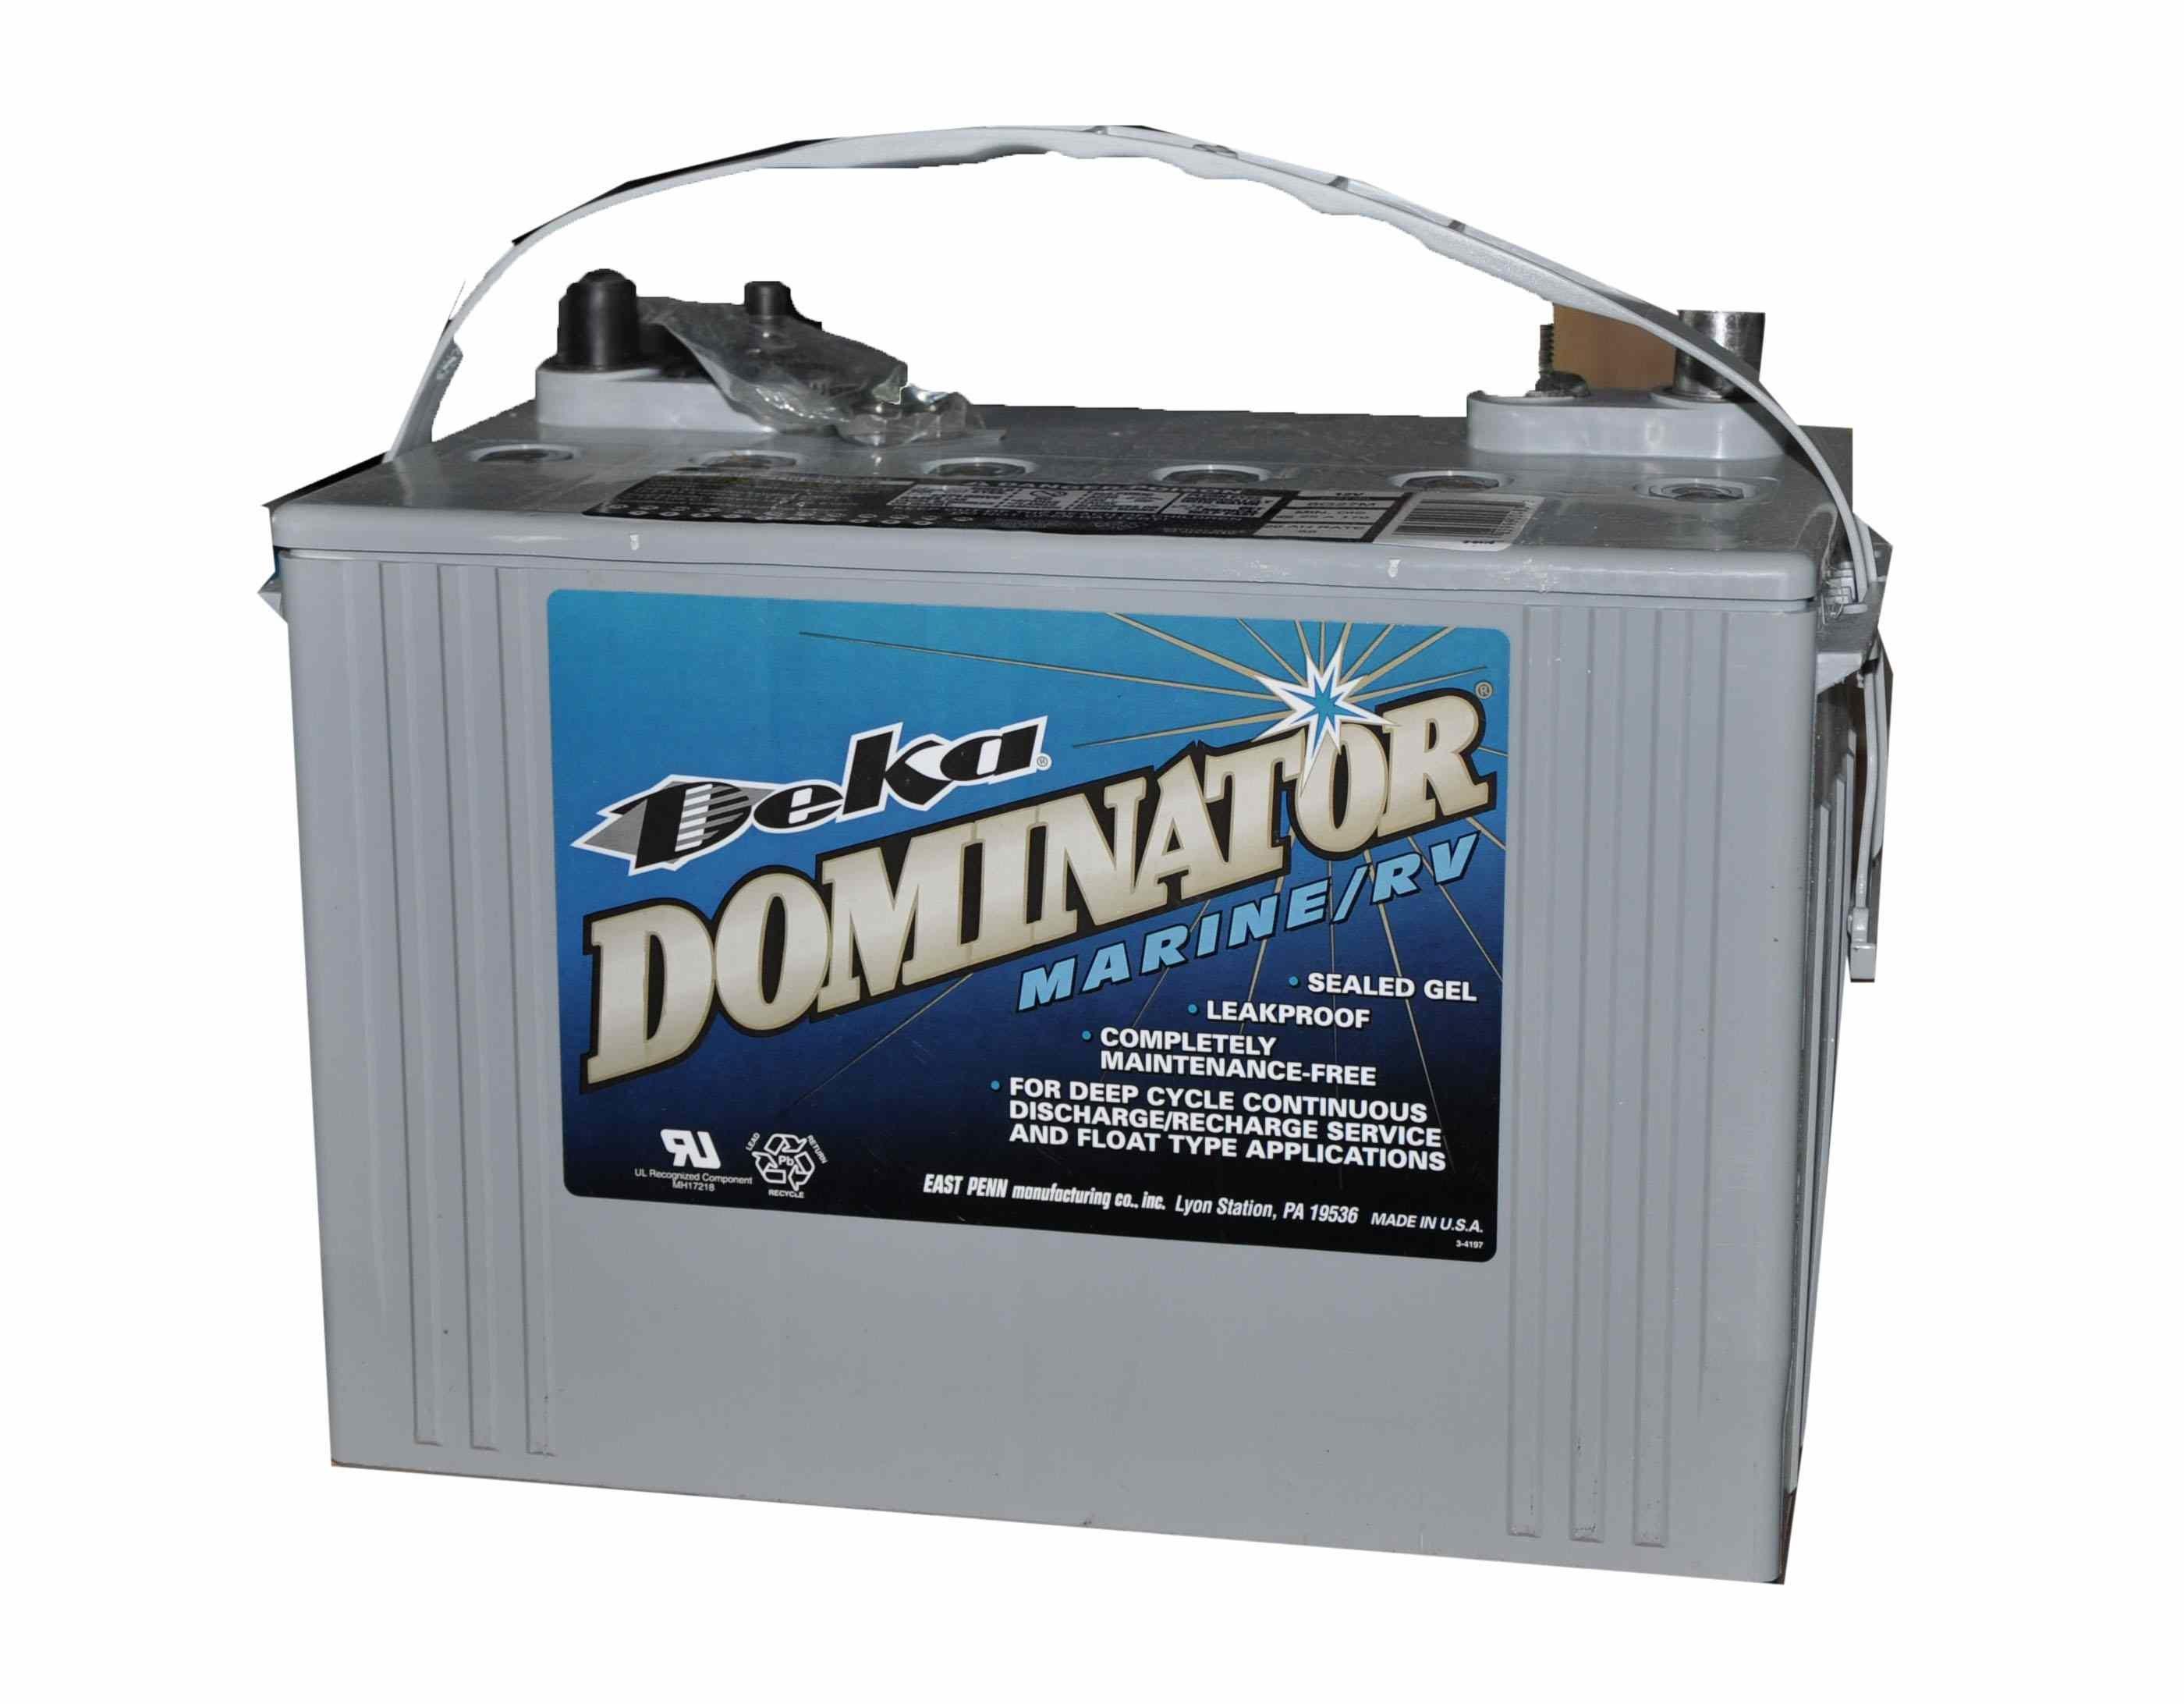 лодочные аккумуляторы deka